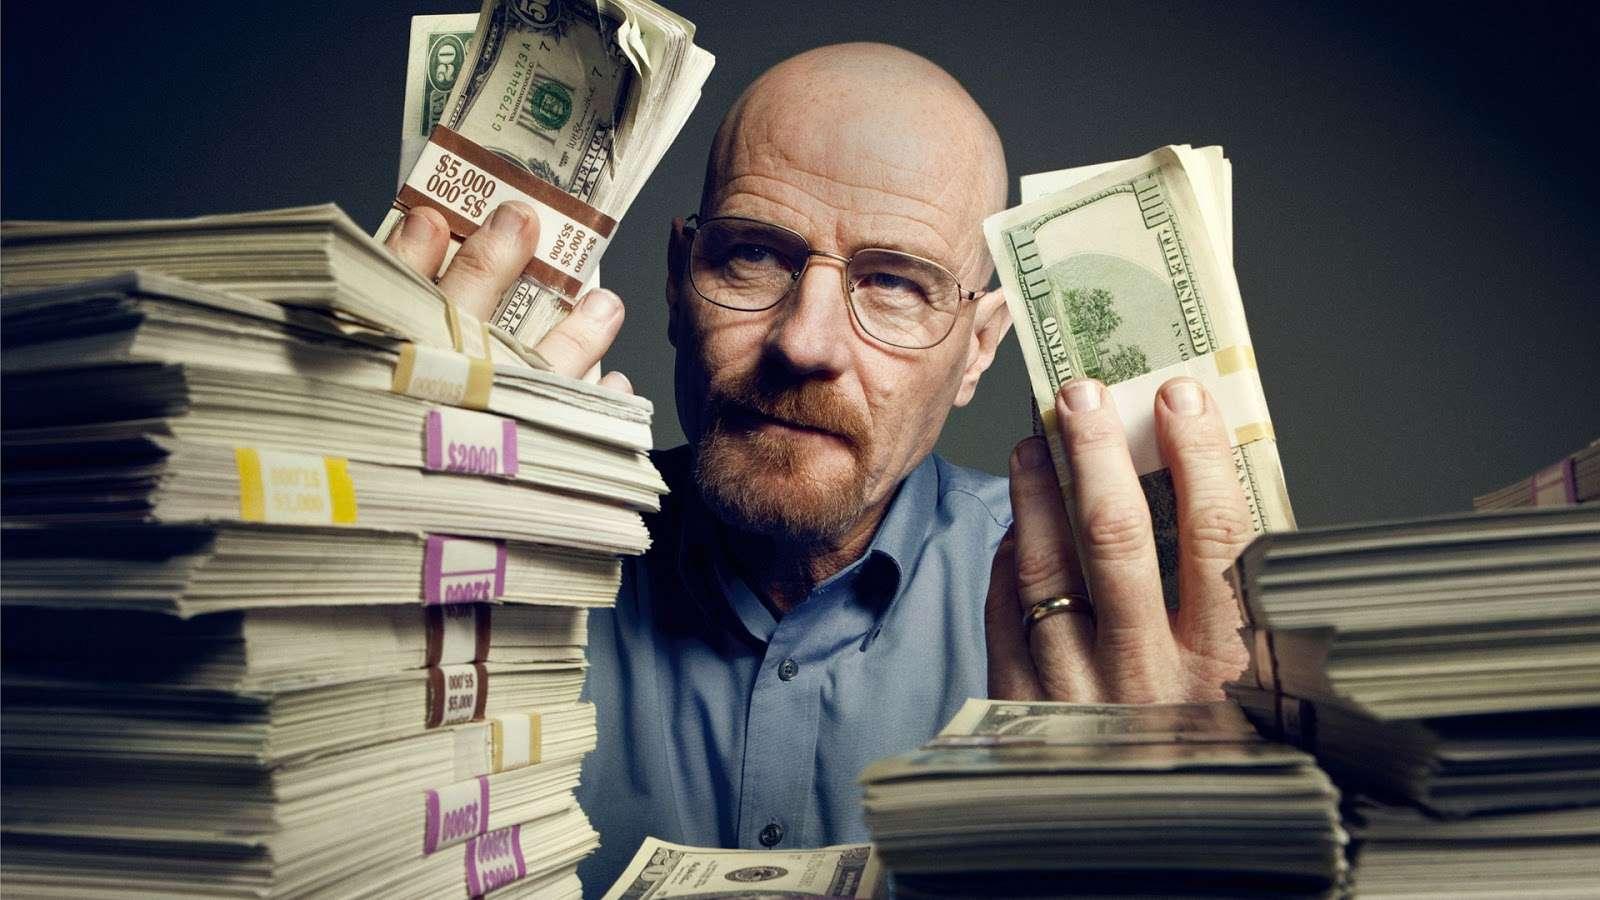 Milyonlarca Dolar Kazandıran Basit Ama Çılgın Fikirler